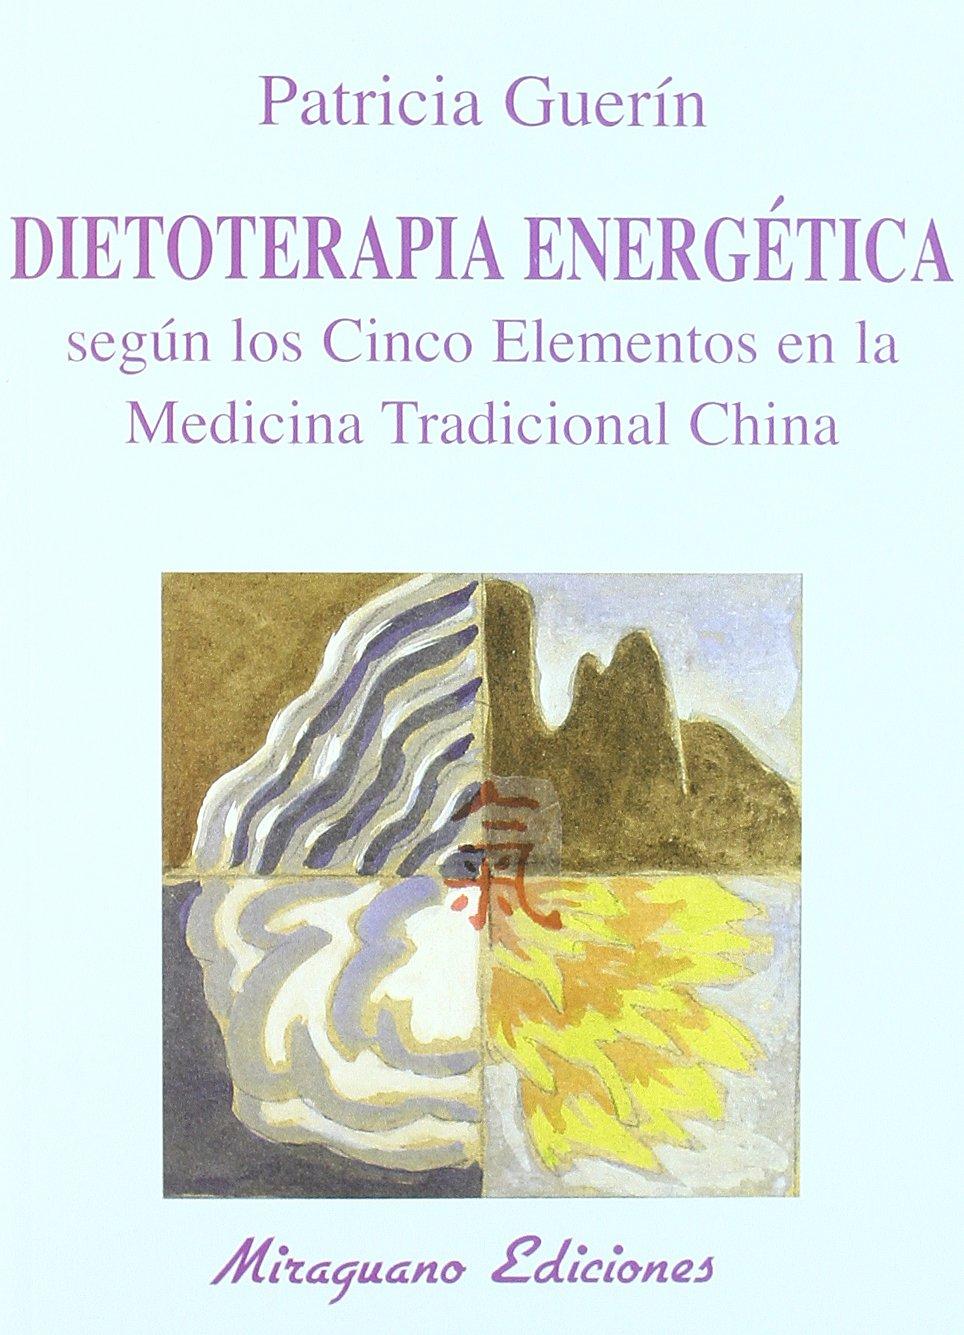 Dietoterapia energética